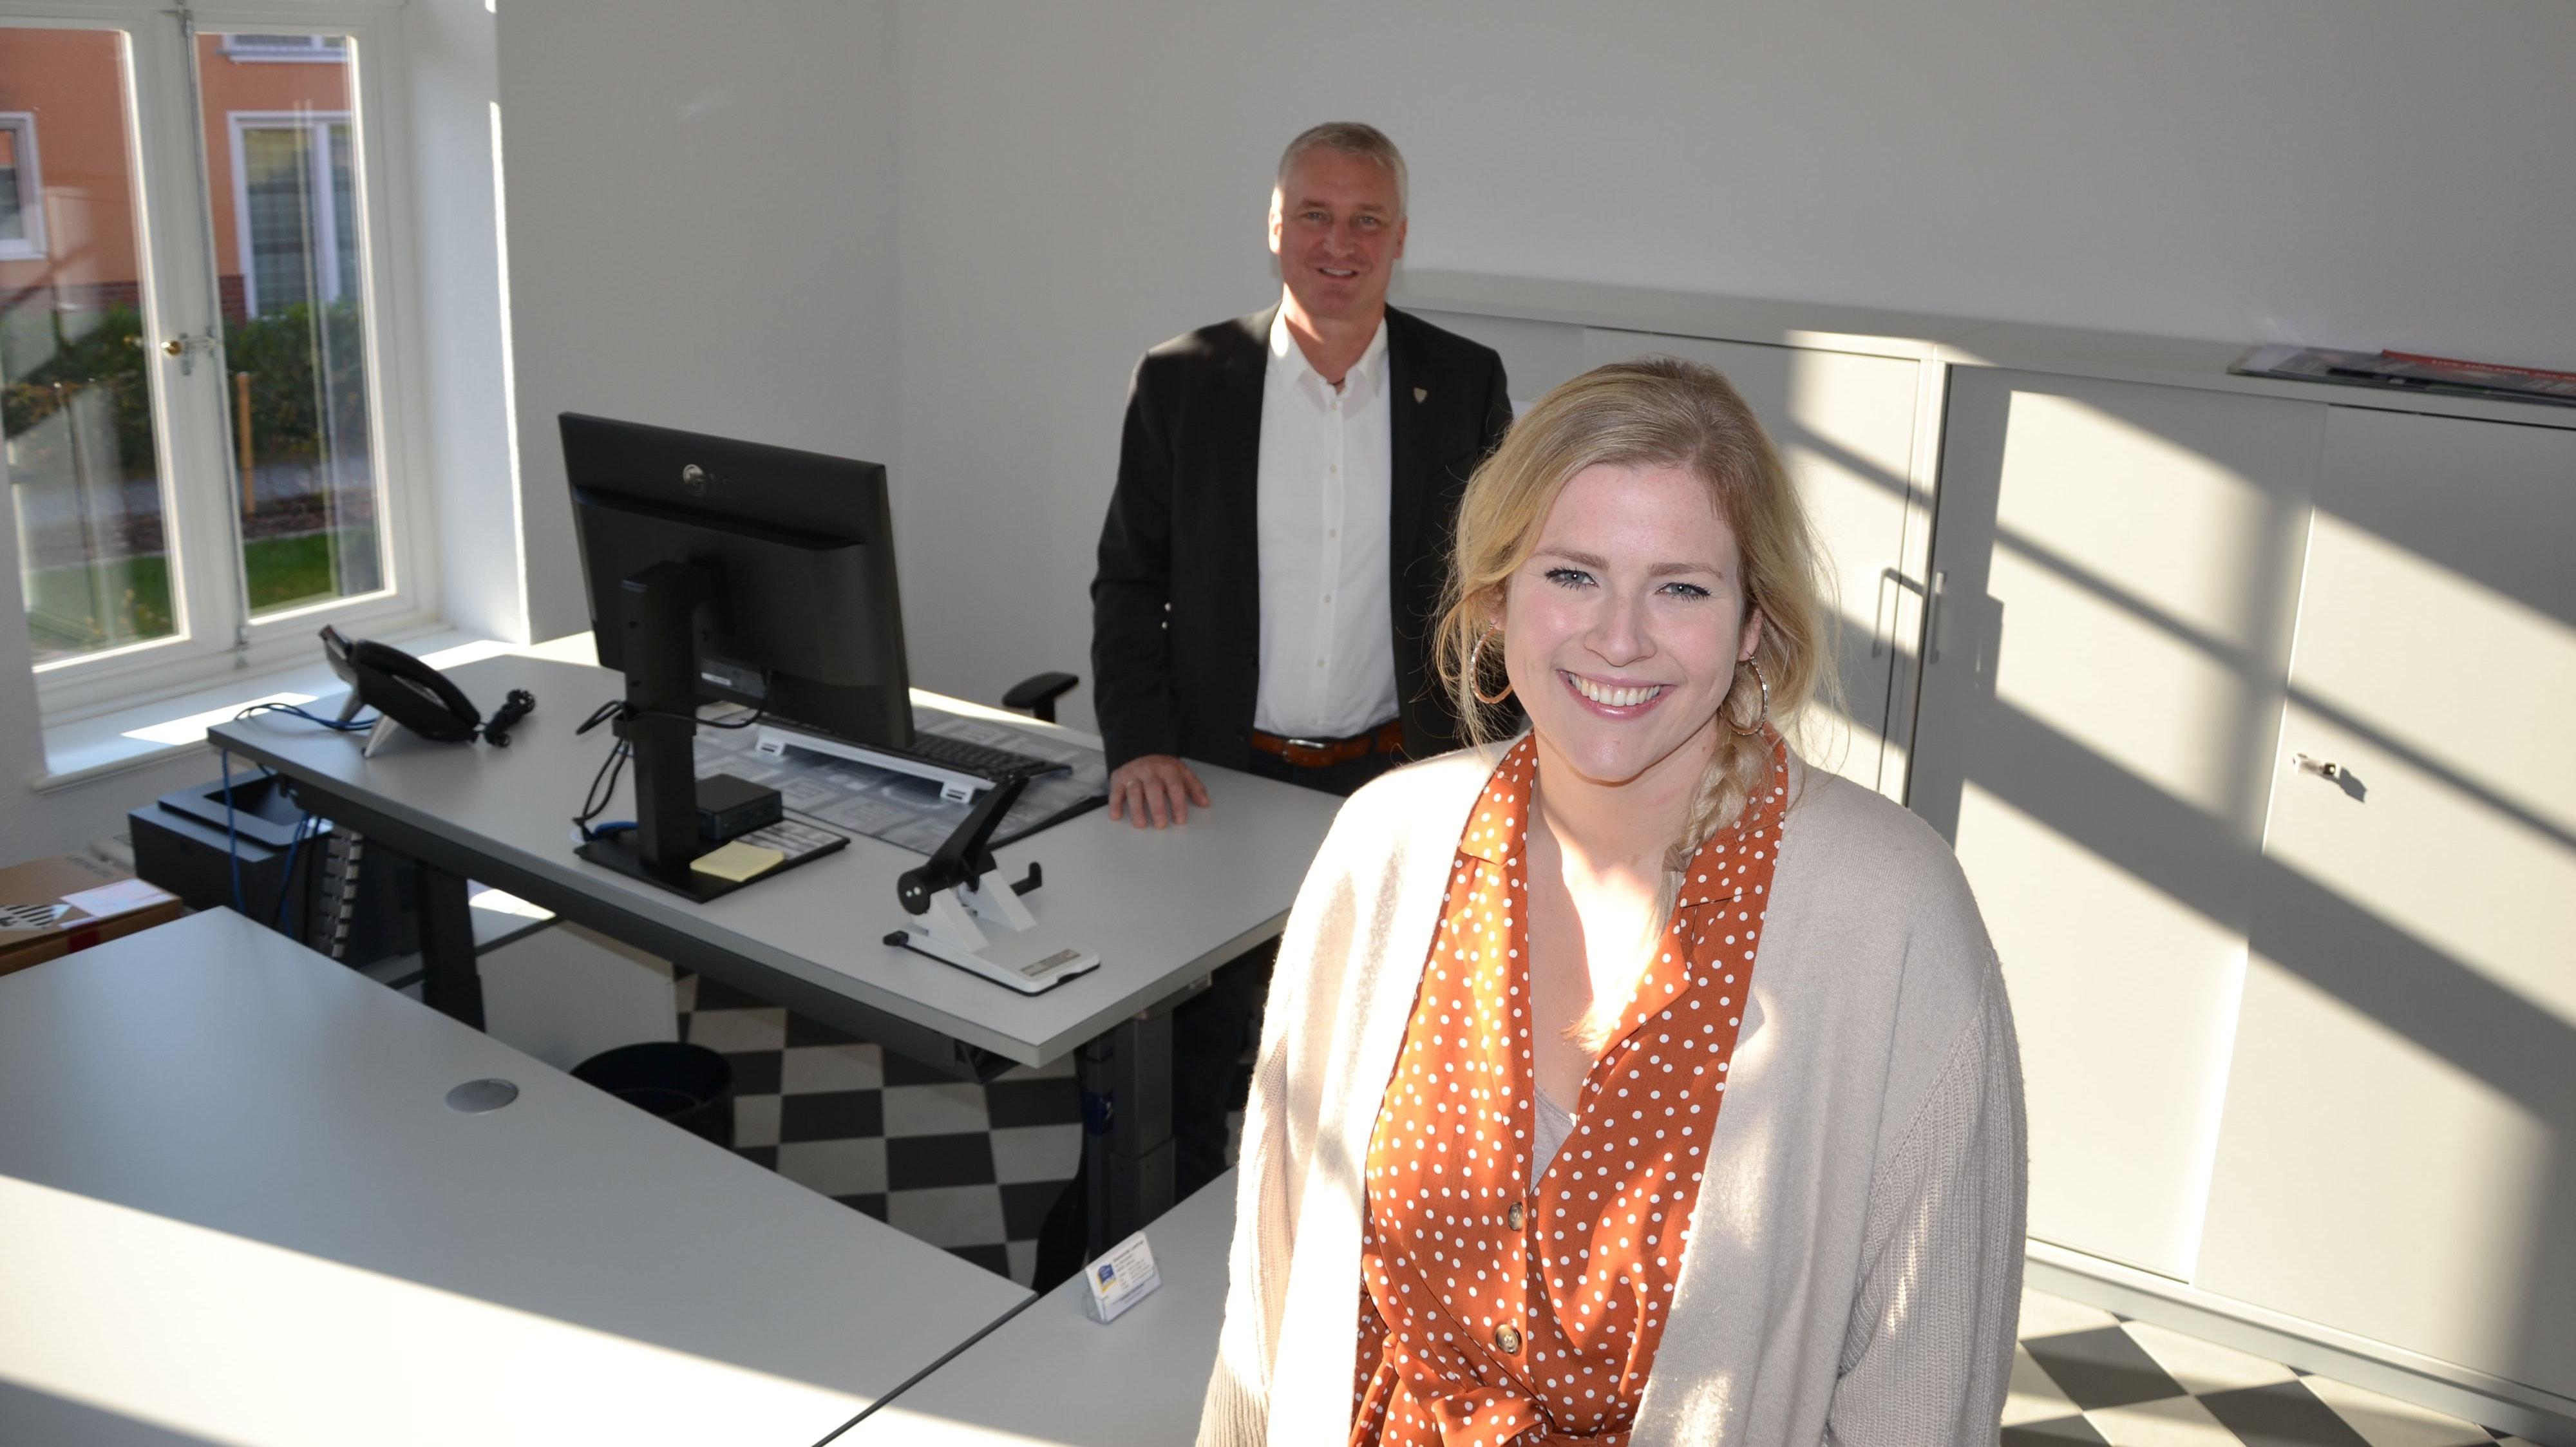 Es kann losgehen: Verena Rammler und Michael Kramer freuen sich, dass das Bürgerbüro fertig eingerichtet ist. Es wird ab Montag zu den normalen Rathauszeiten geöffnet sein. Foto: Meyer